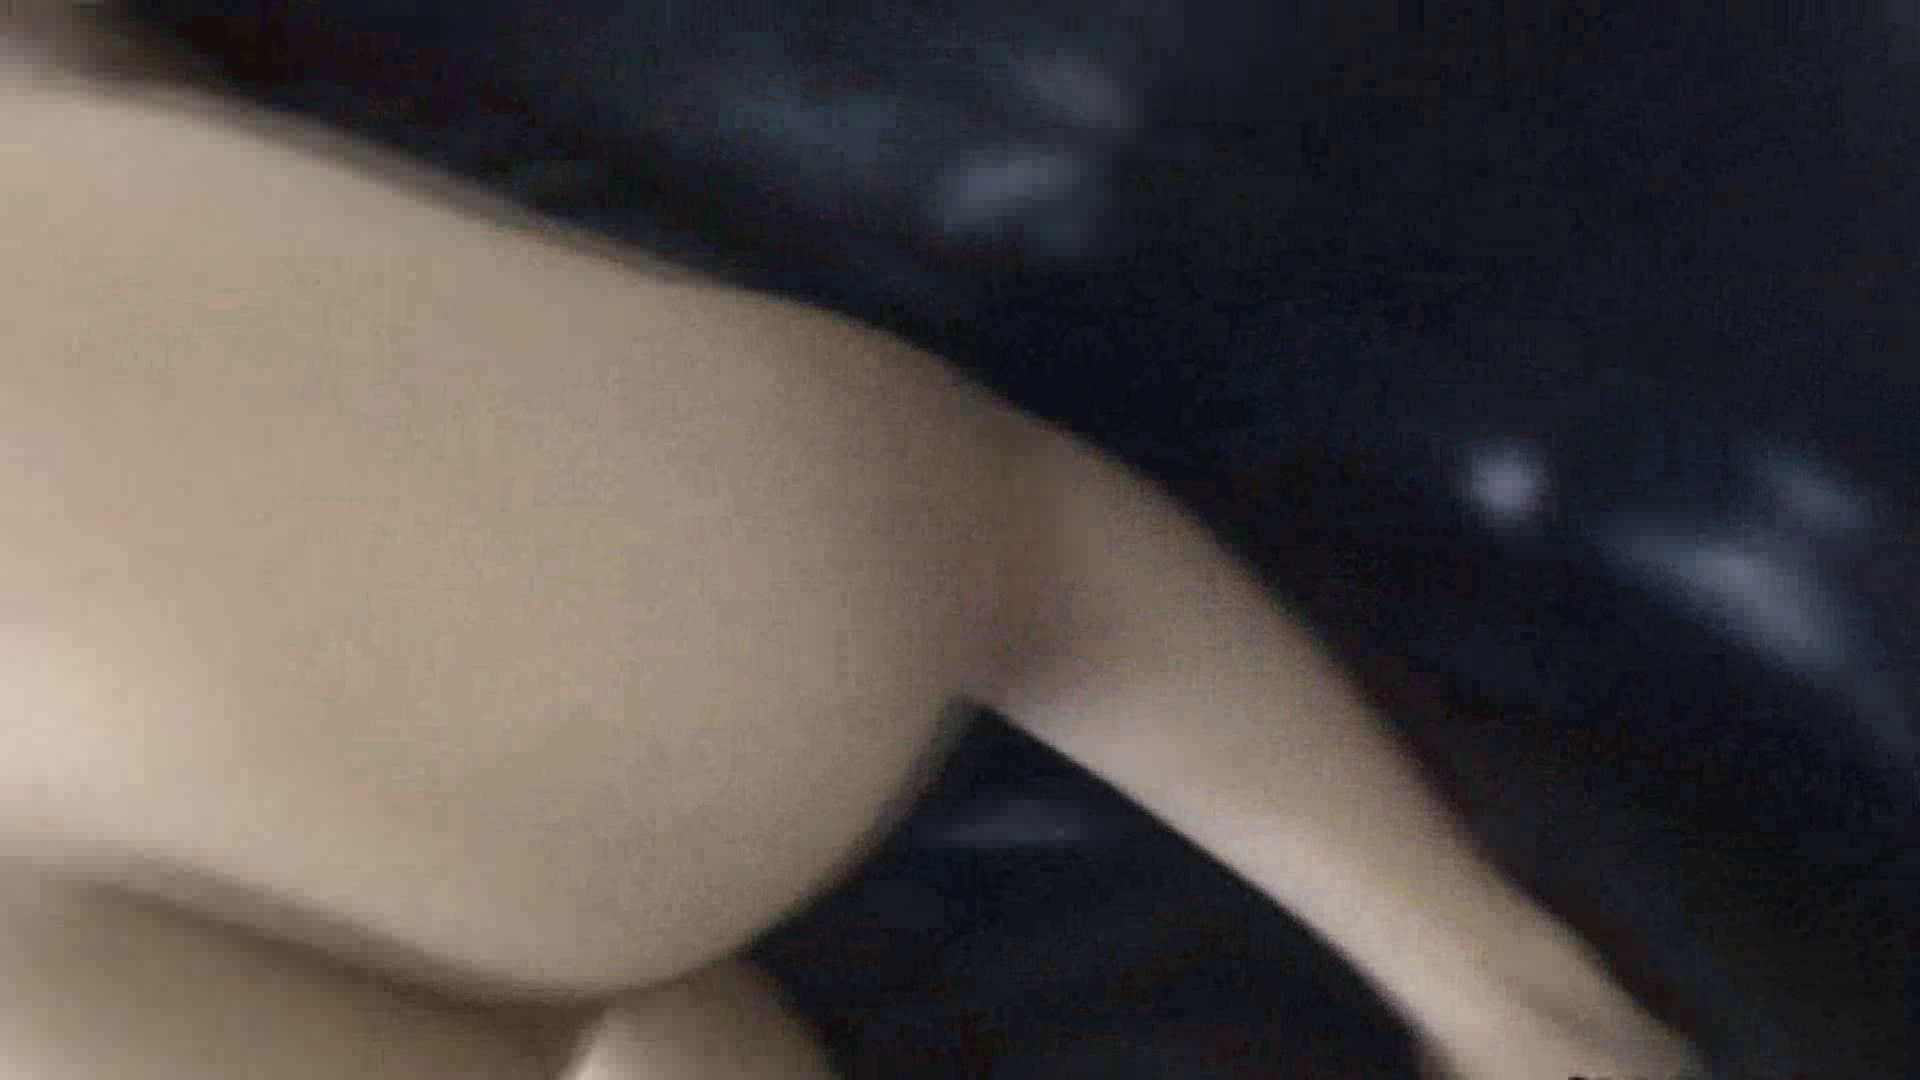 素人S級美女特選!小悪魔ギャル噂のビッチガールVol.51 後編 小悪魔ギャル われめAV動画紹介 95連発 94